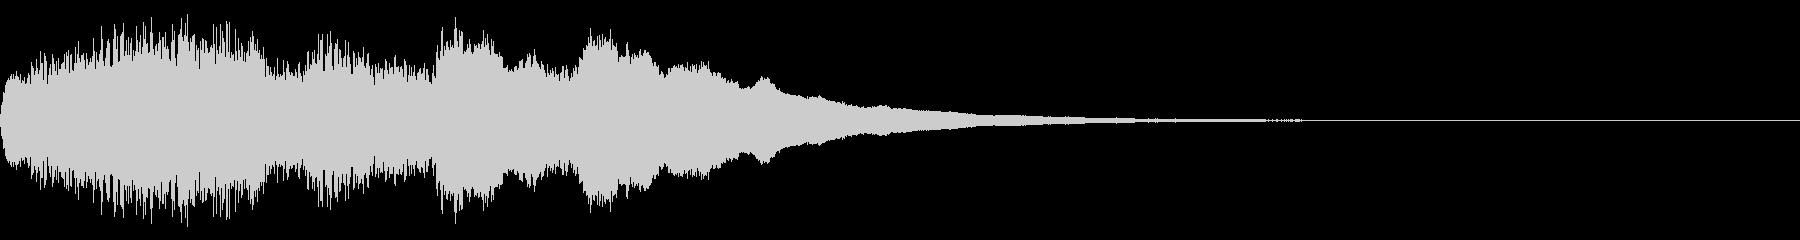 クリスマスベル お知らせ チャイム 03の未再生の波形